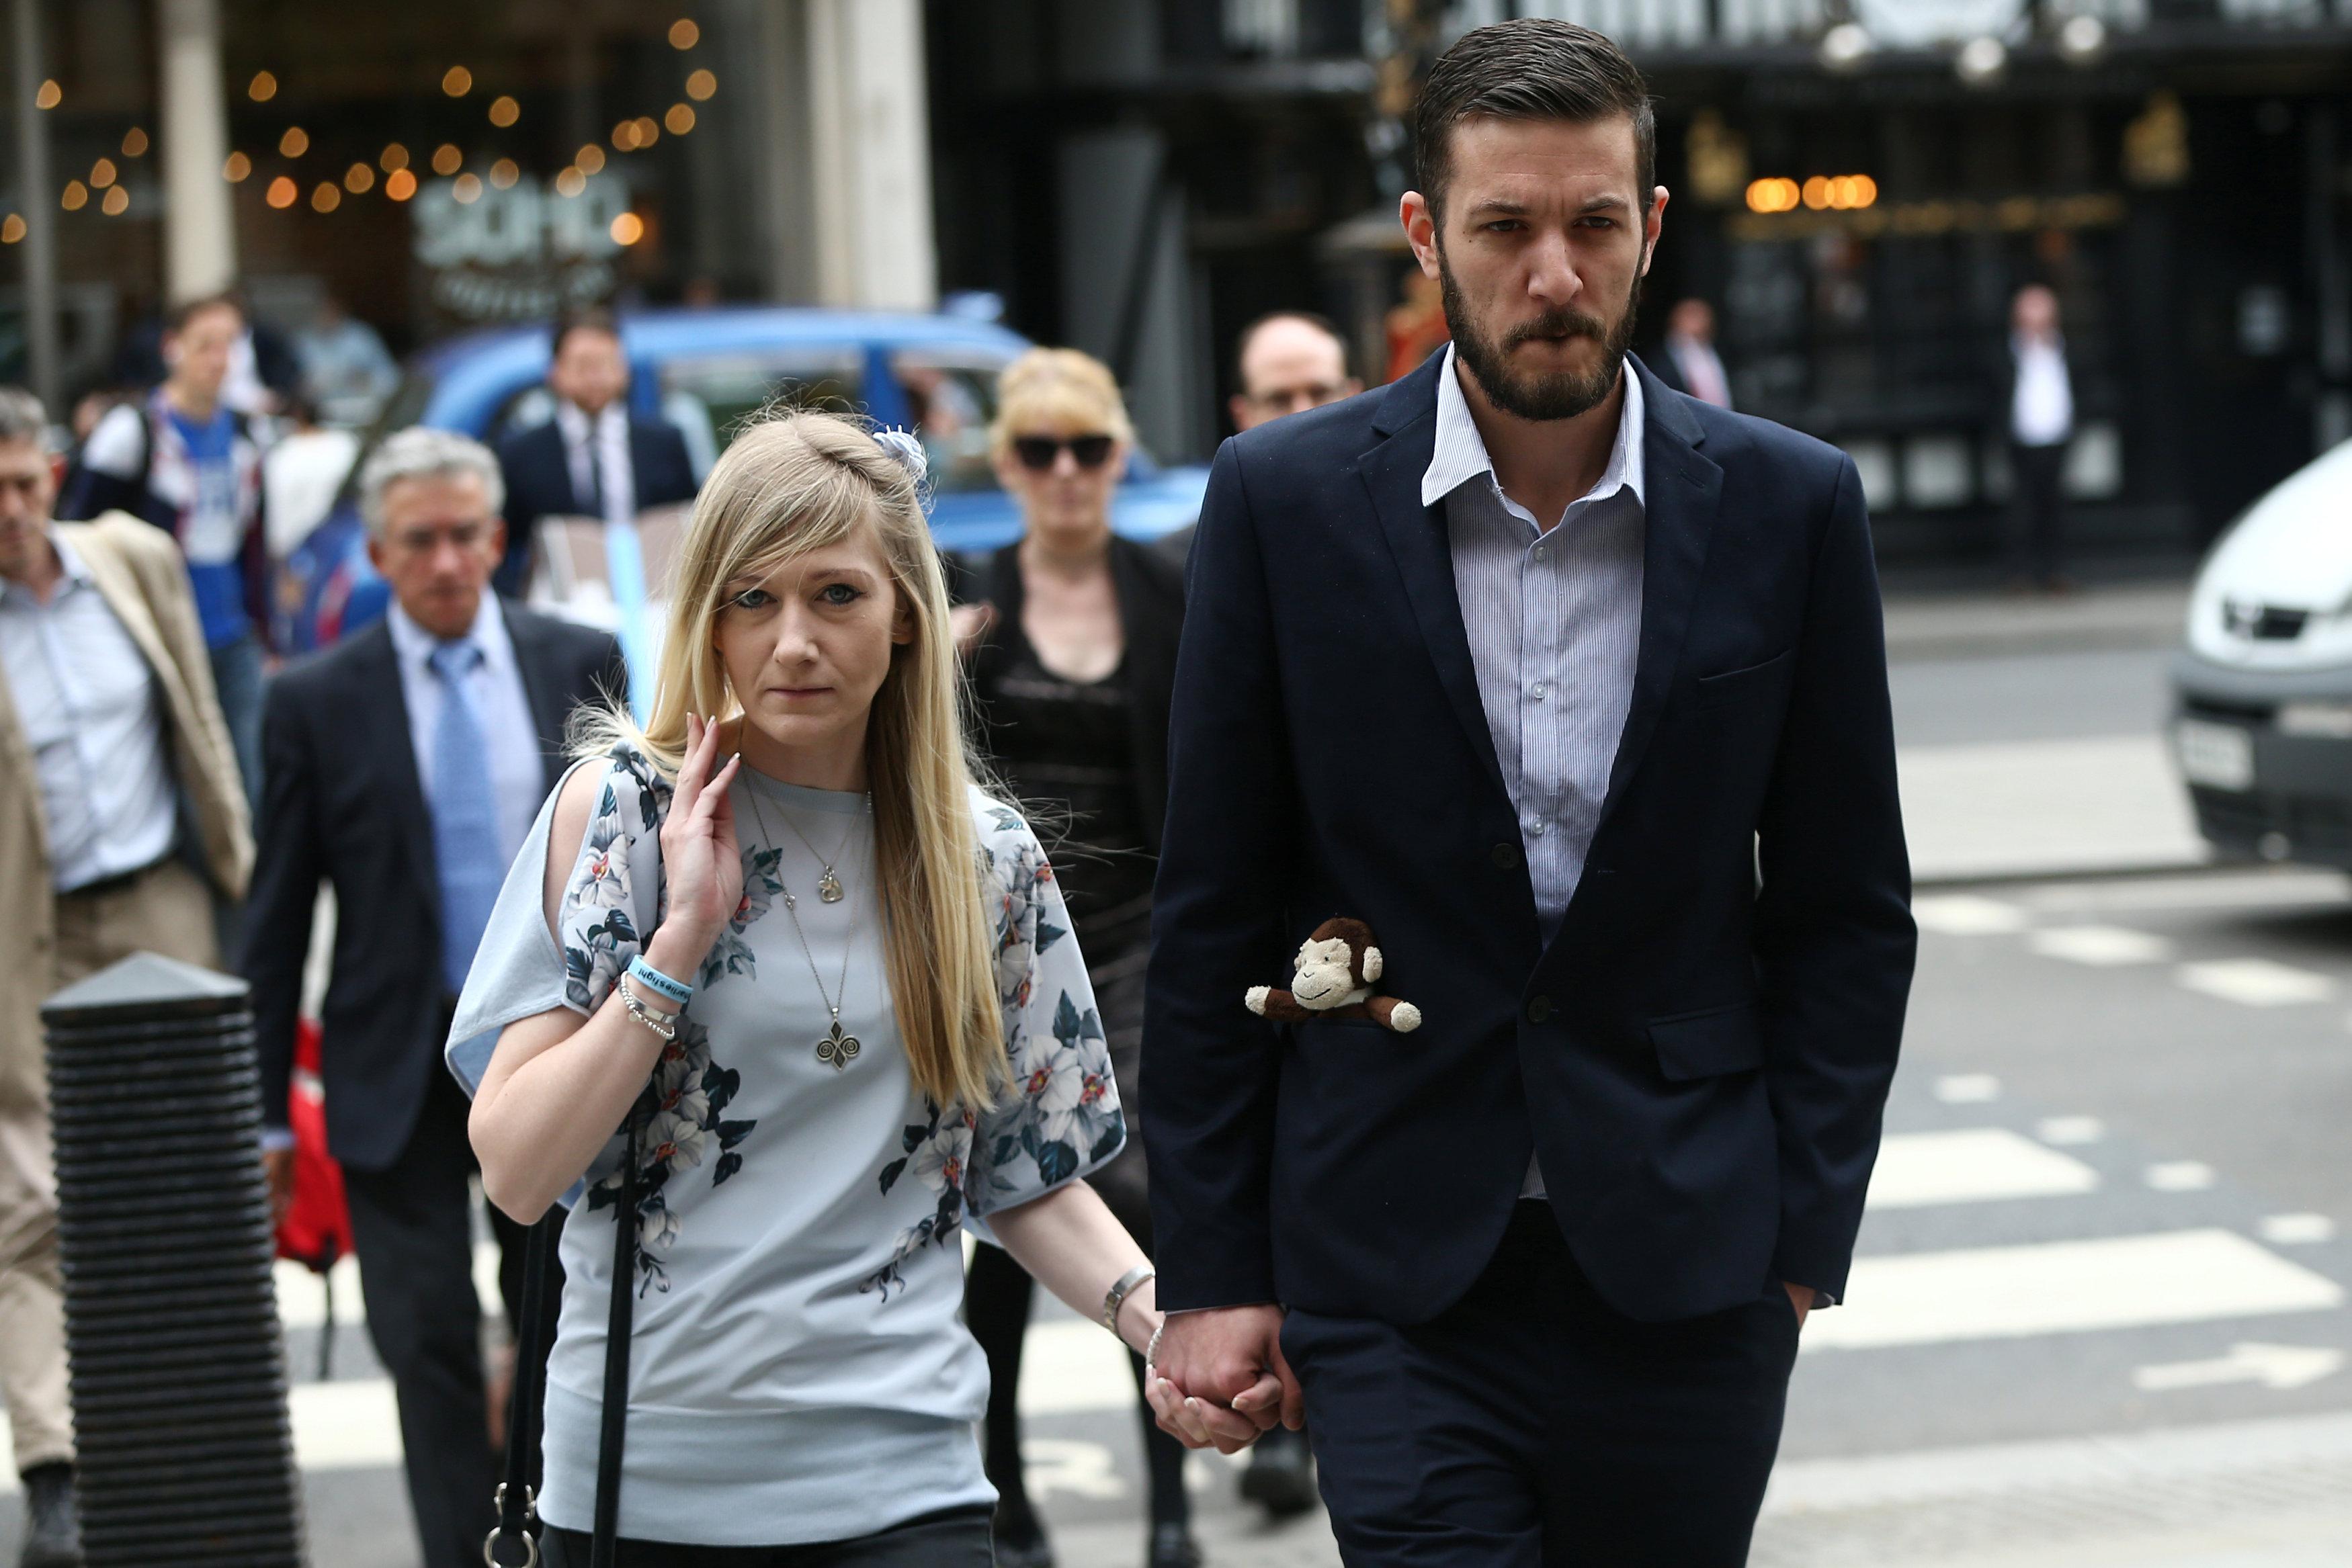 U.S. expert flies to Britain to examine baby Charlie Gard